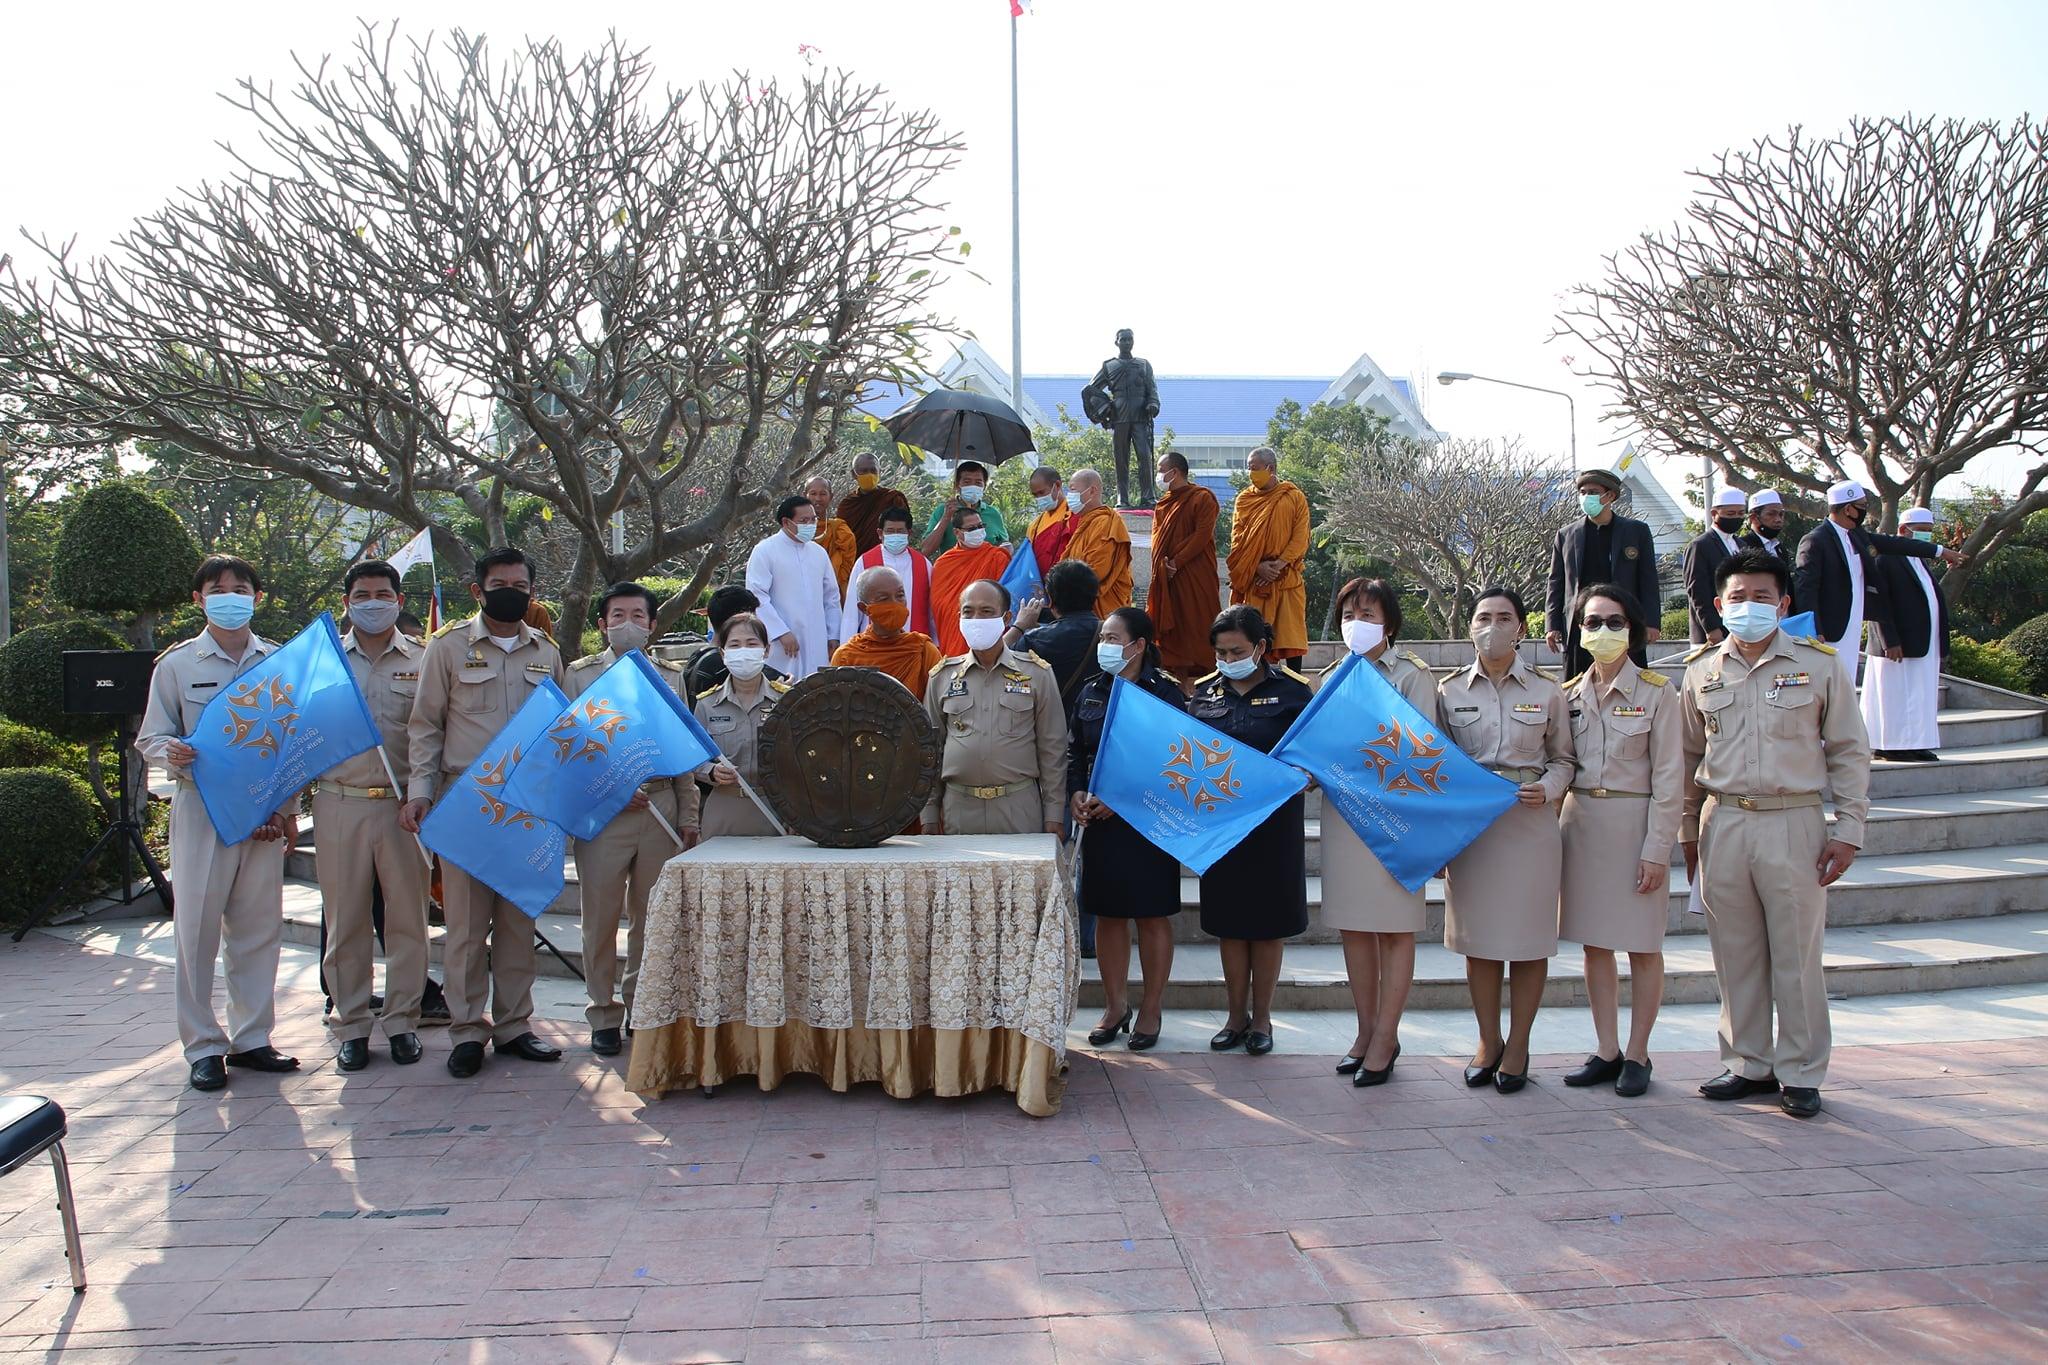 องค์การบริหารส่วนจังหวัดอ่างทองร่วมกิจกรรมการรับมอบธงสันติภาพ